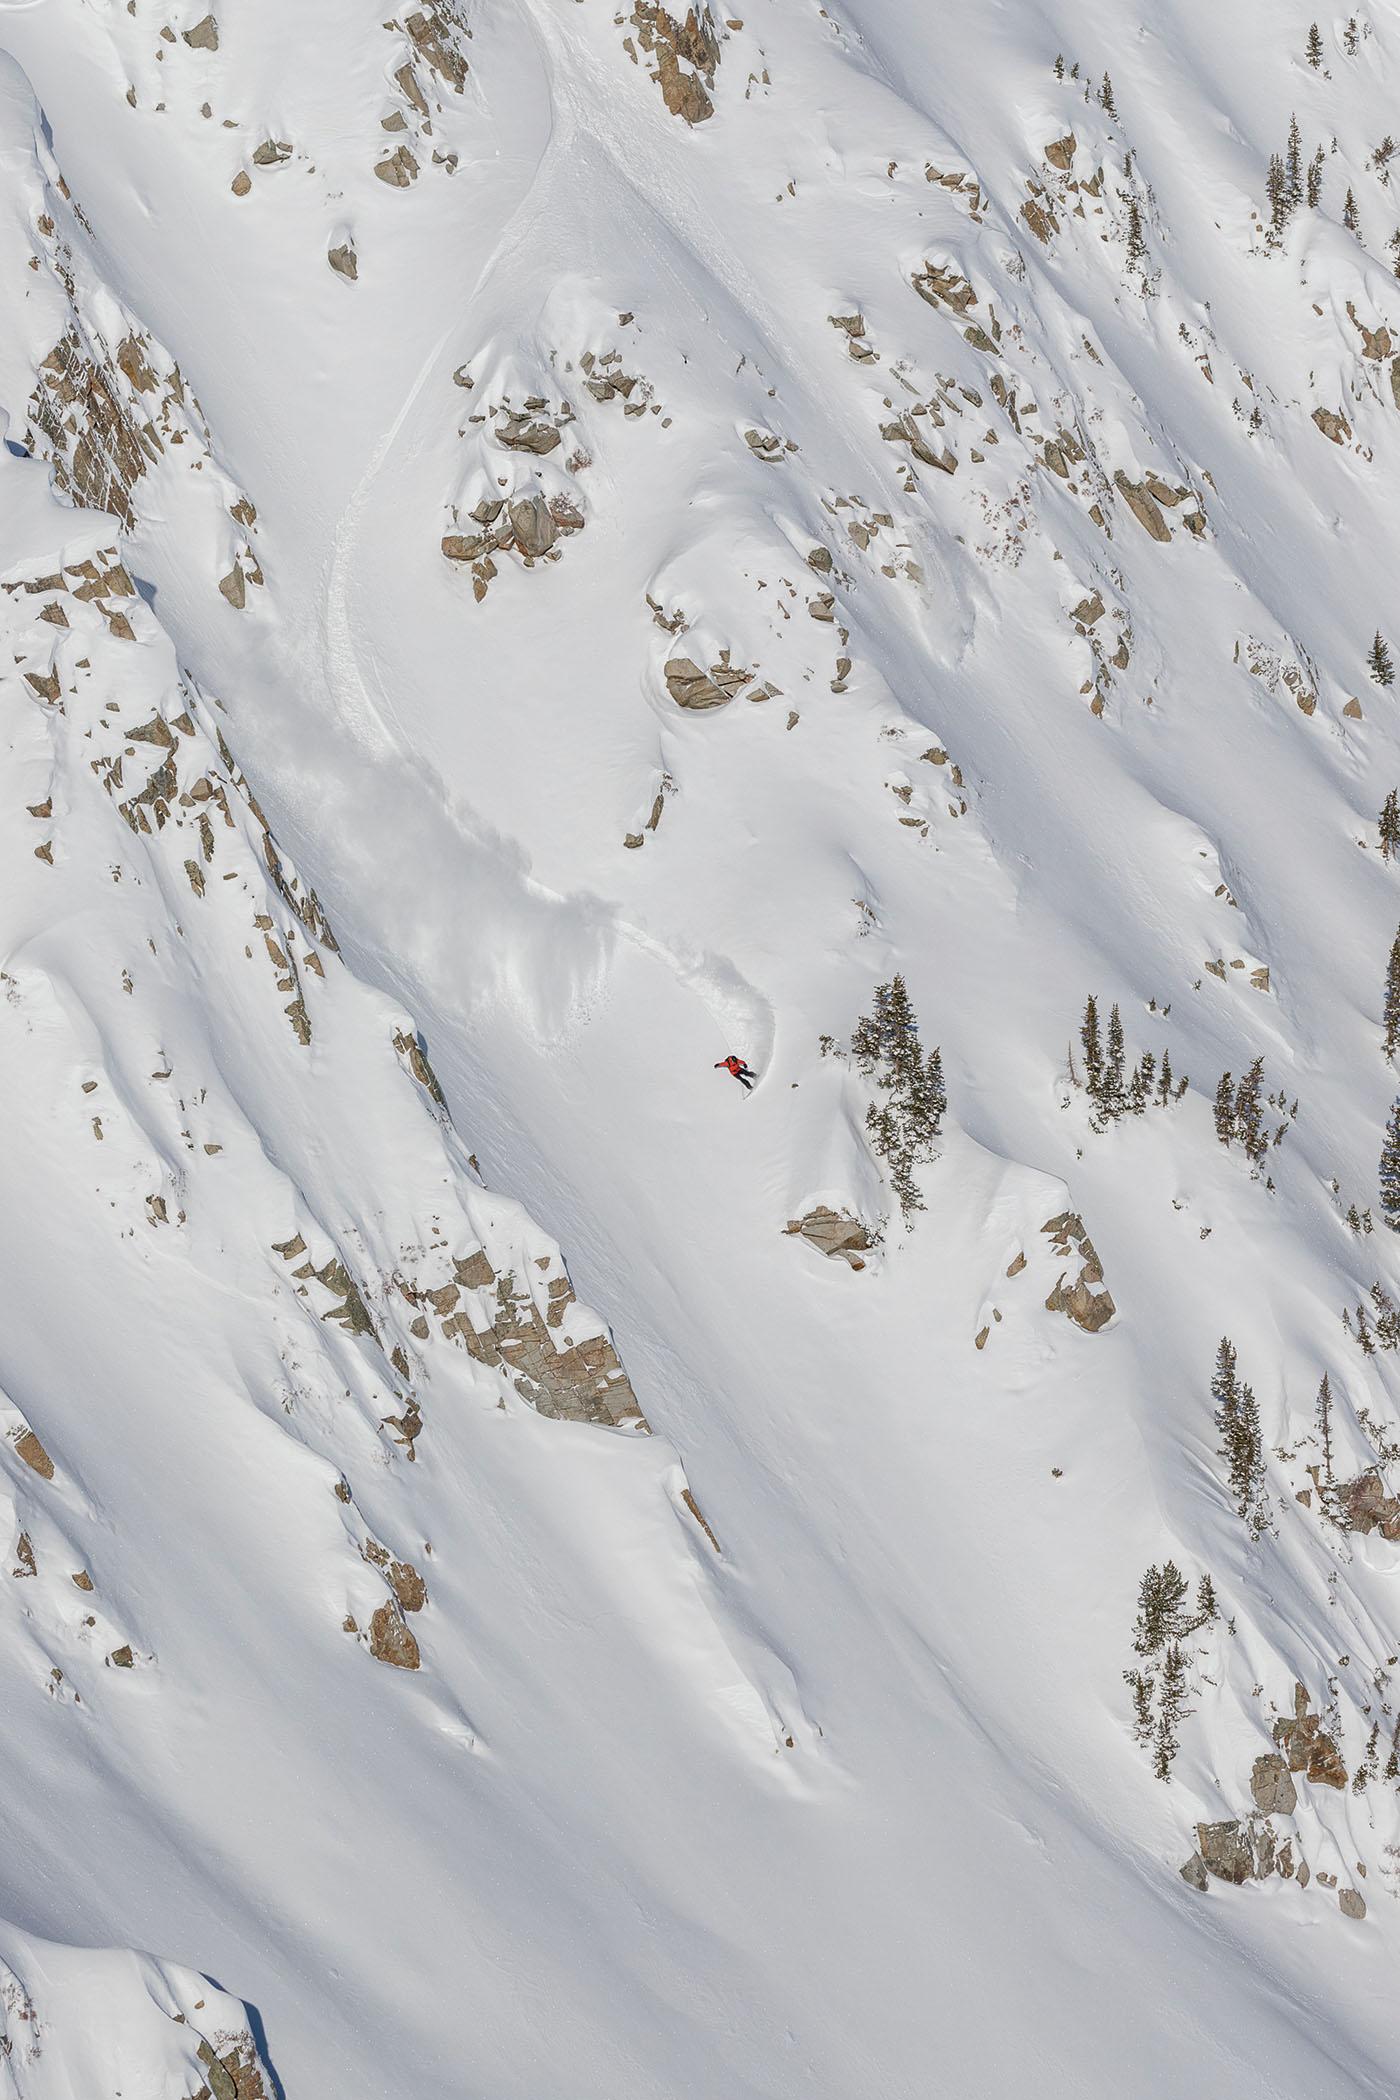 Griffin Siebert – Frontside Slash – Little Cottonwood Canyon, Utah. Photo: @wjackdawe